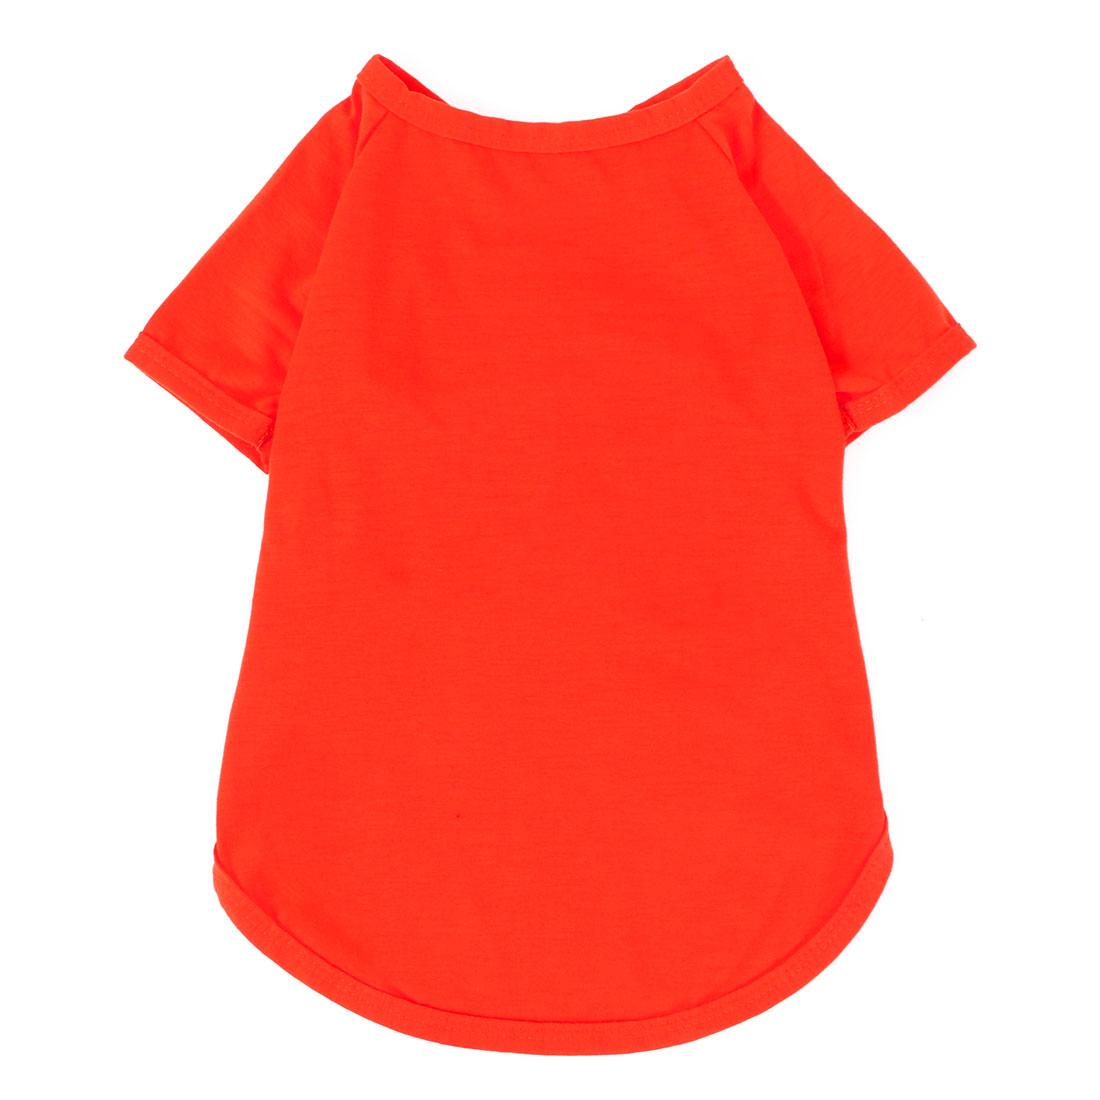 Pet Doggy Cotton Blend Leisure Short Sleeve T-Shirt Vest Clothes Red Size M